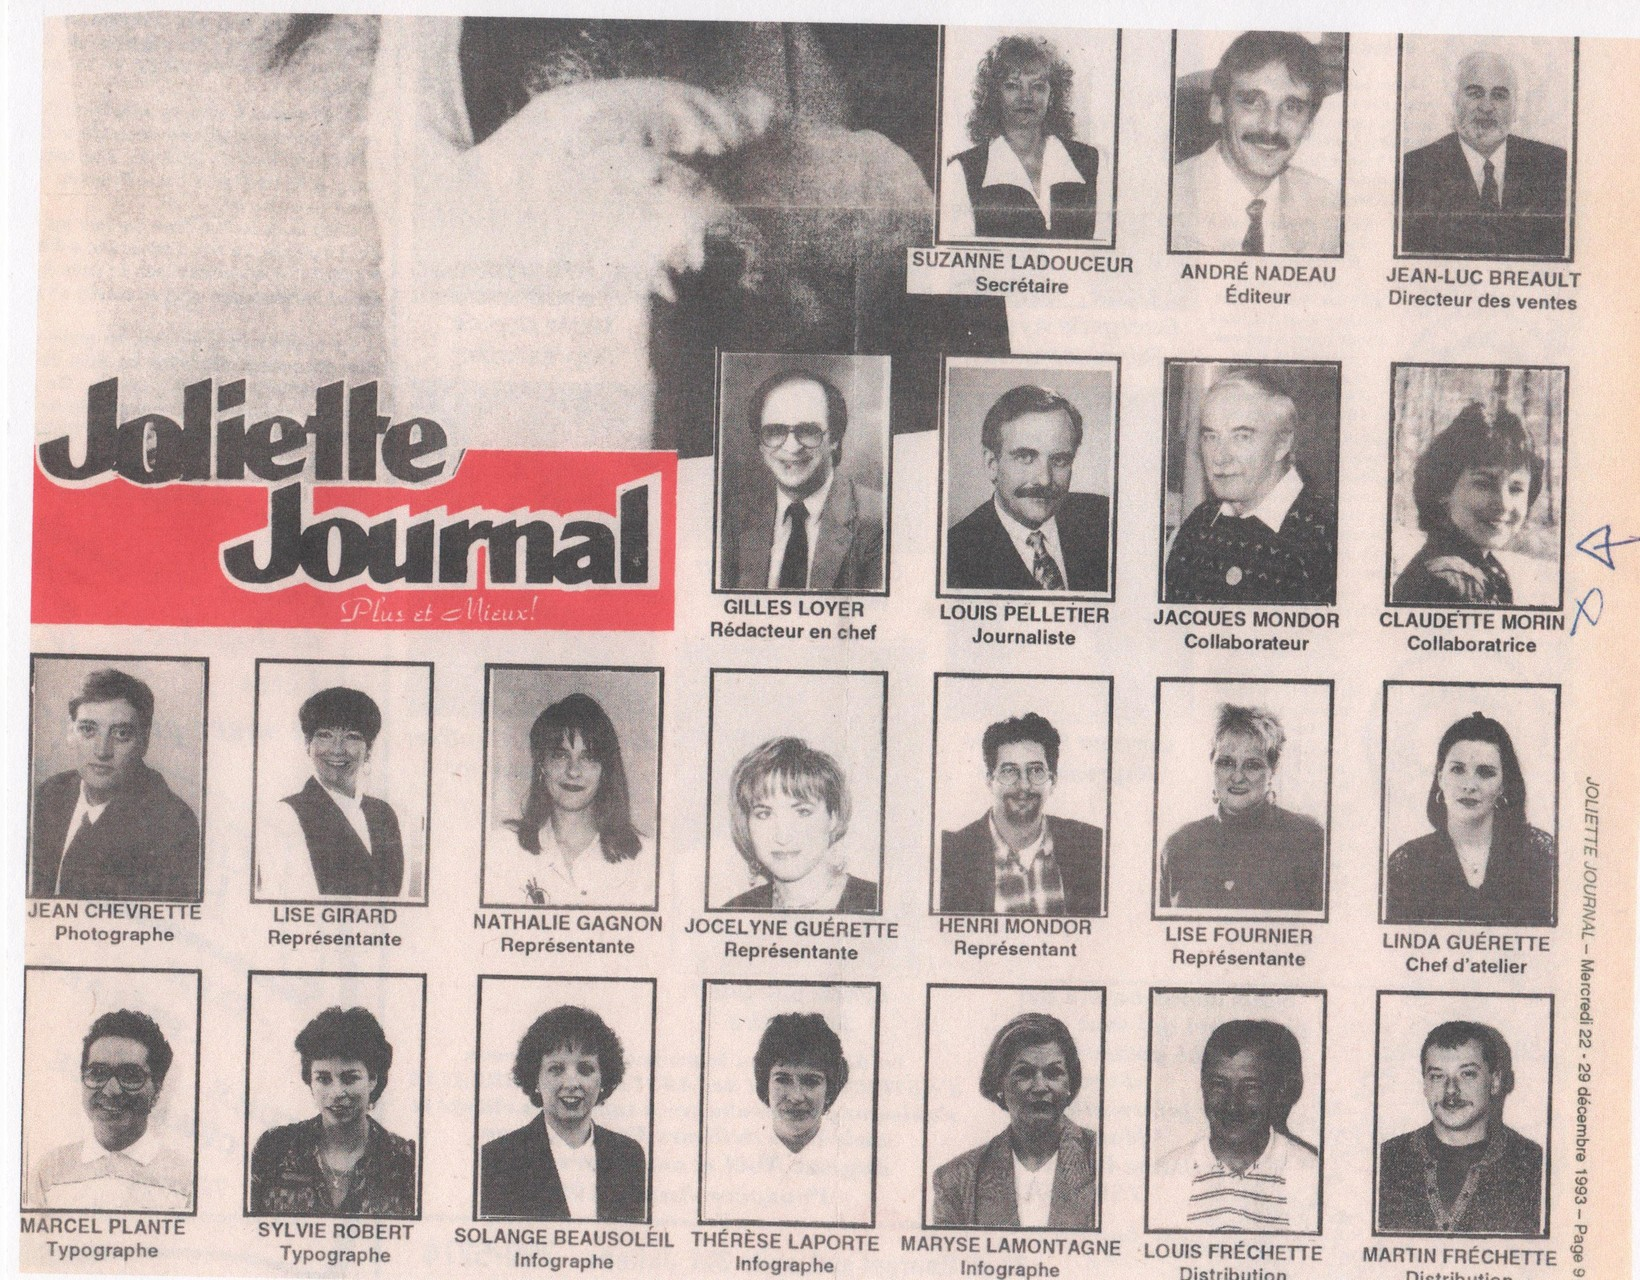 Collaboratrice au Joliette Journal - éditeur André Nadeau